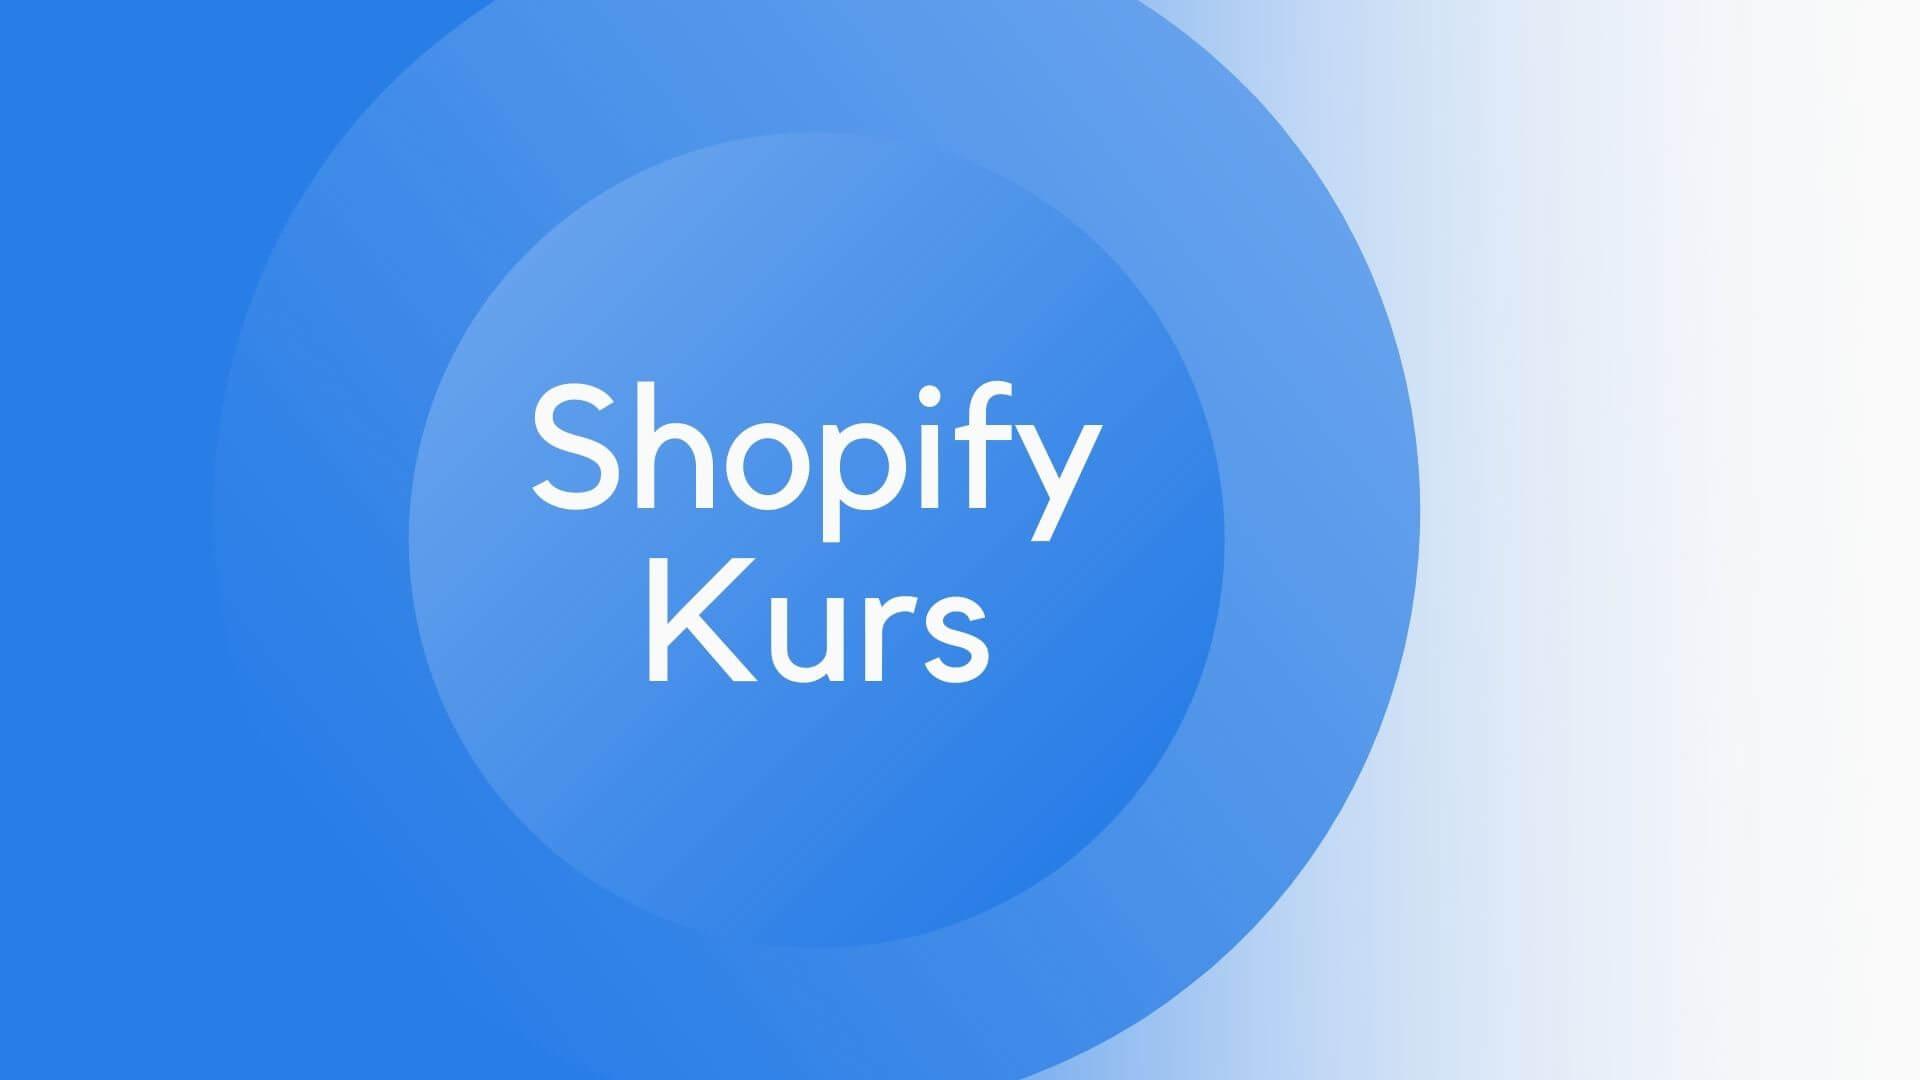 Shopify Kurs